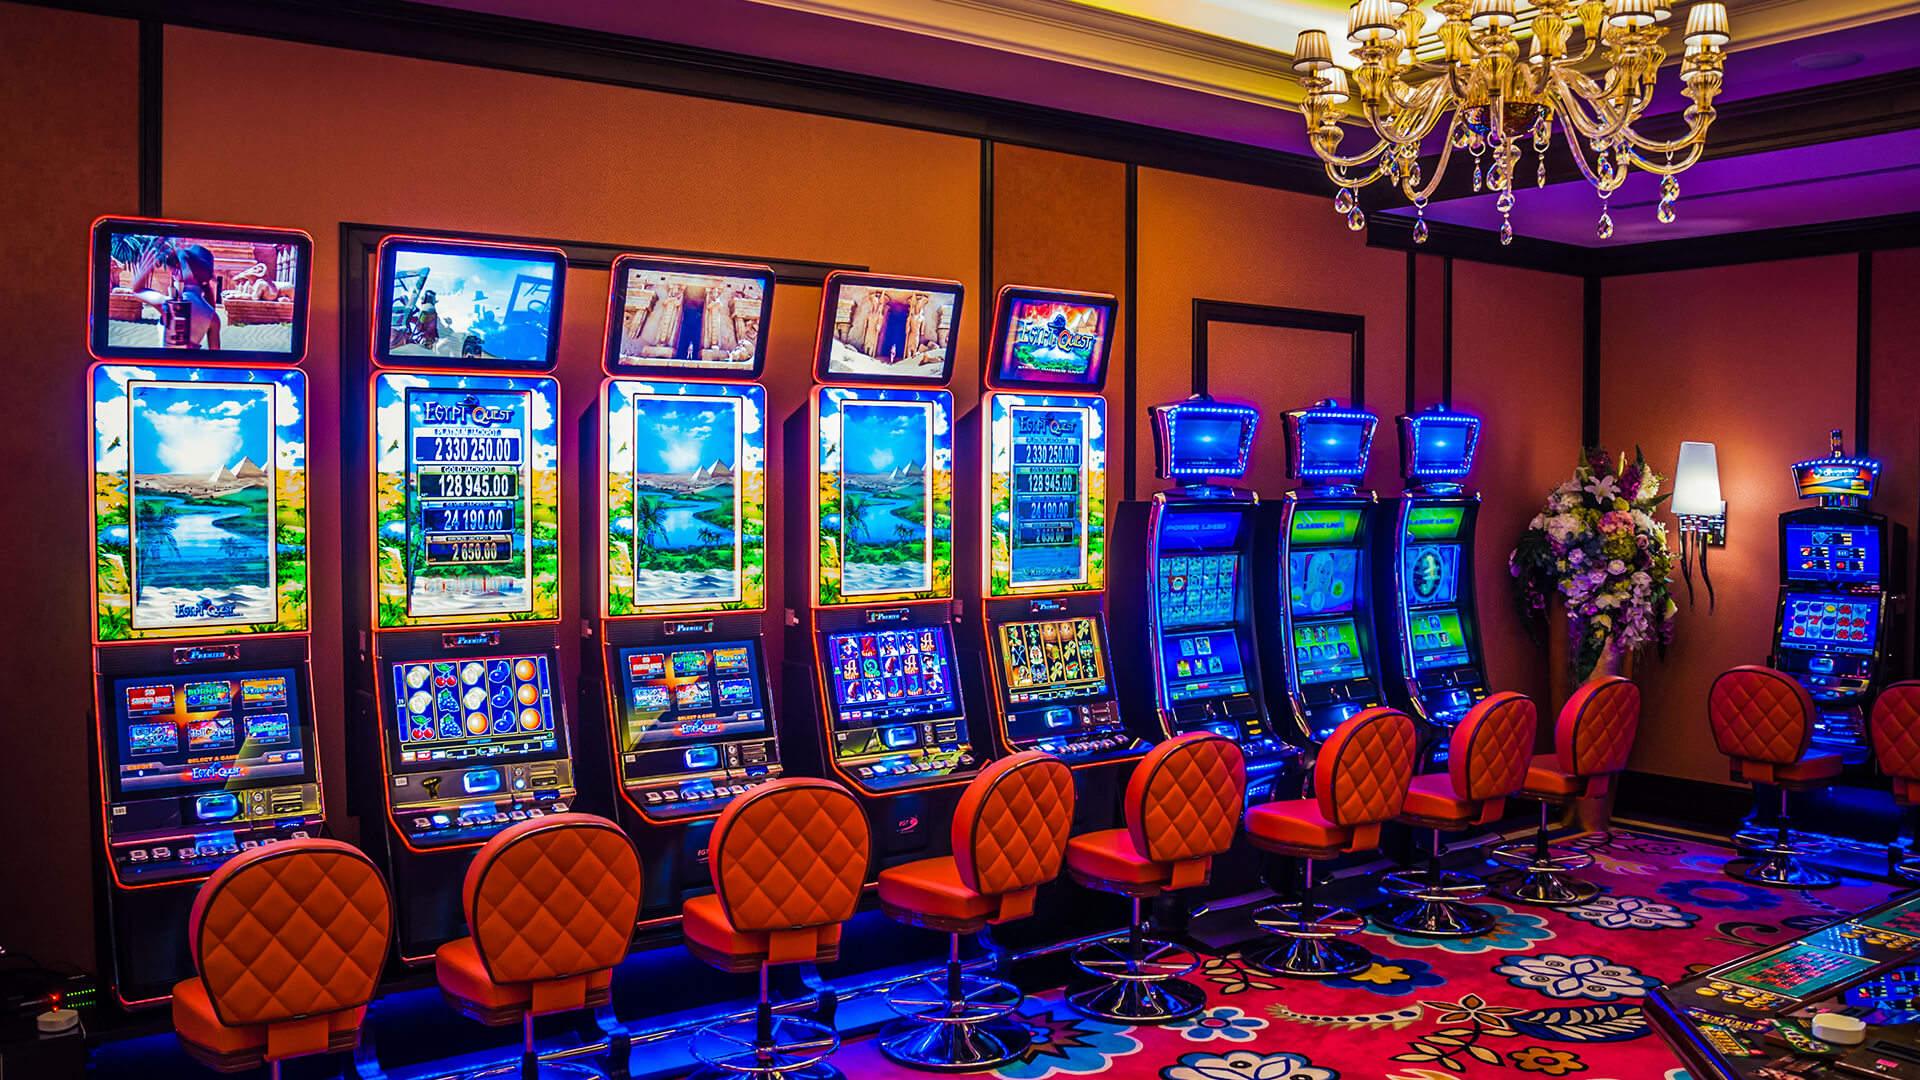 Где лучше всего поиграть в игровые автоматы онлайн